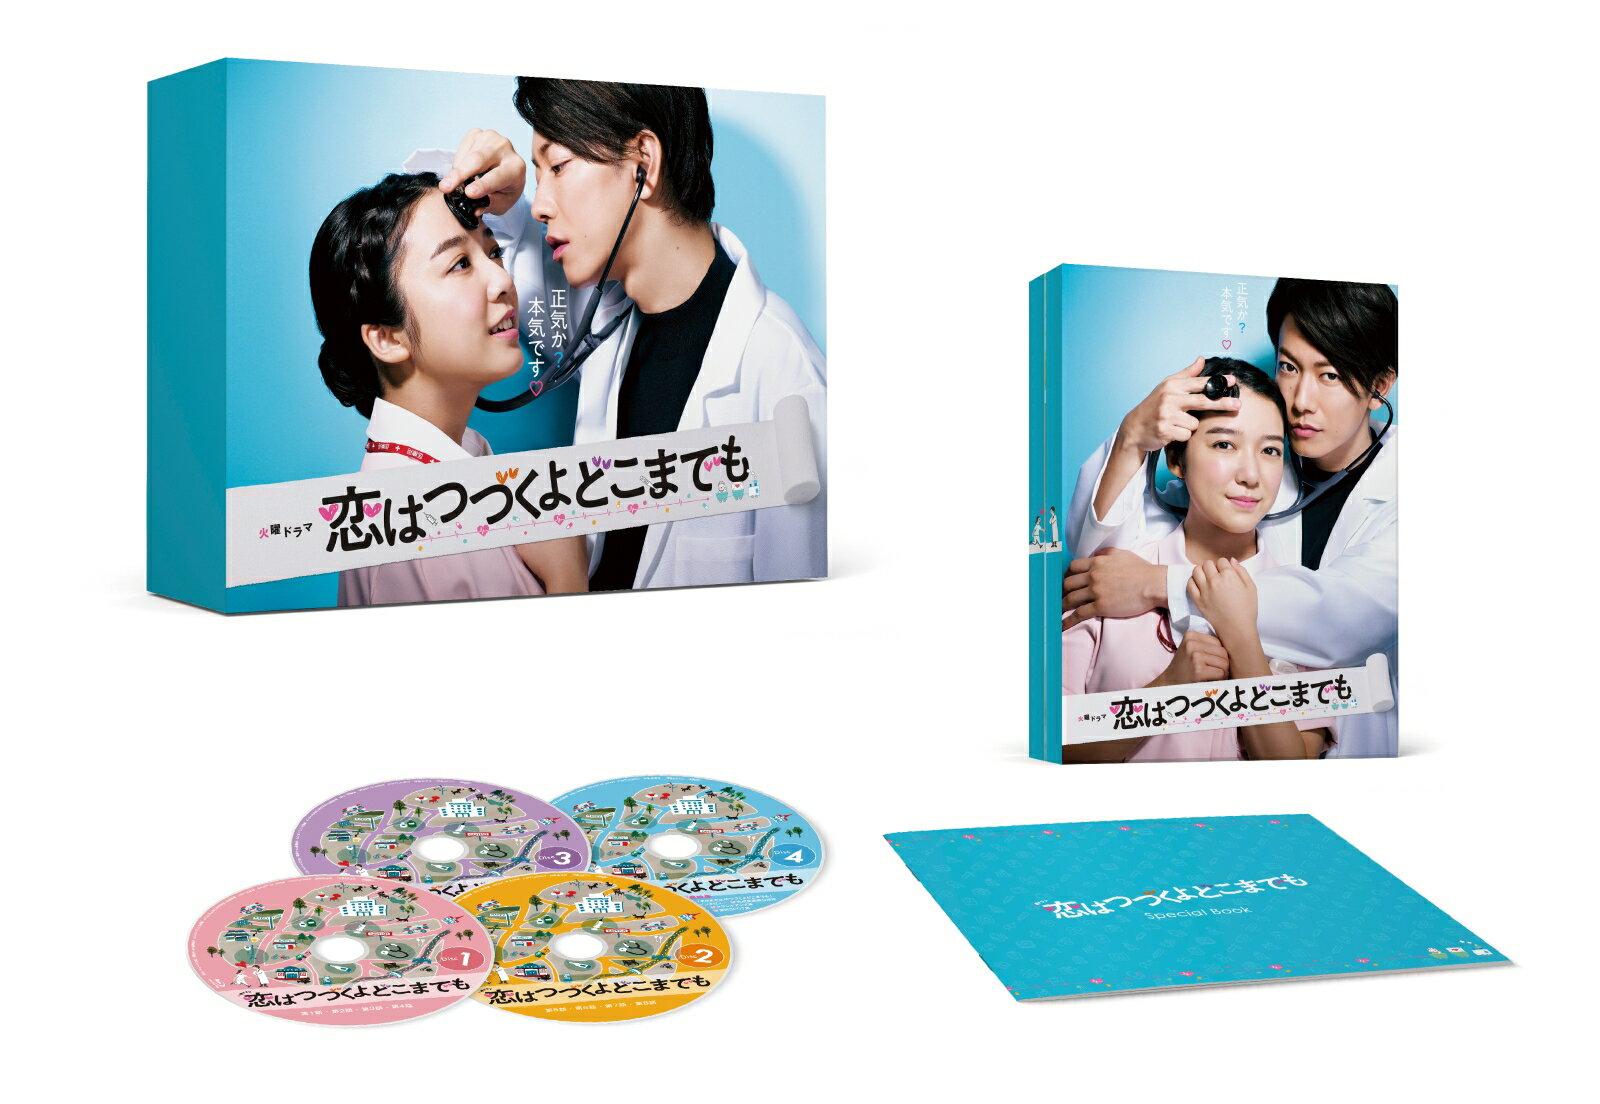 恋はつづくよどこまでも【Blu-ray】